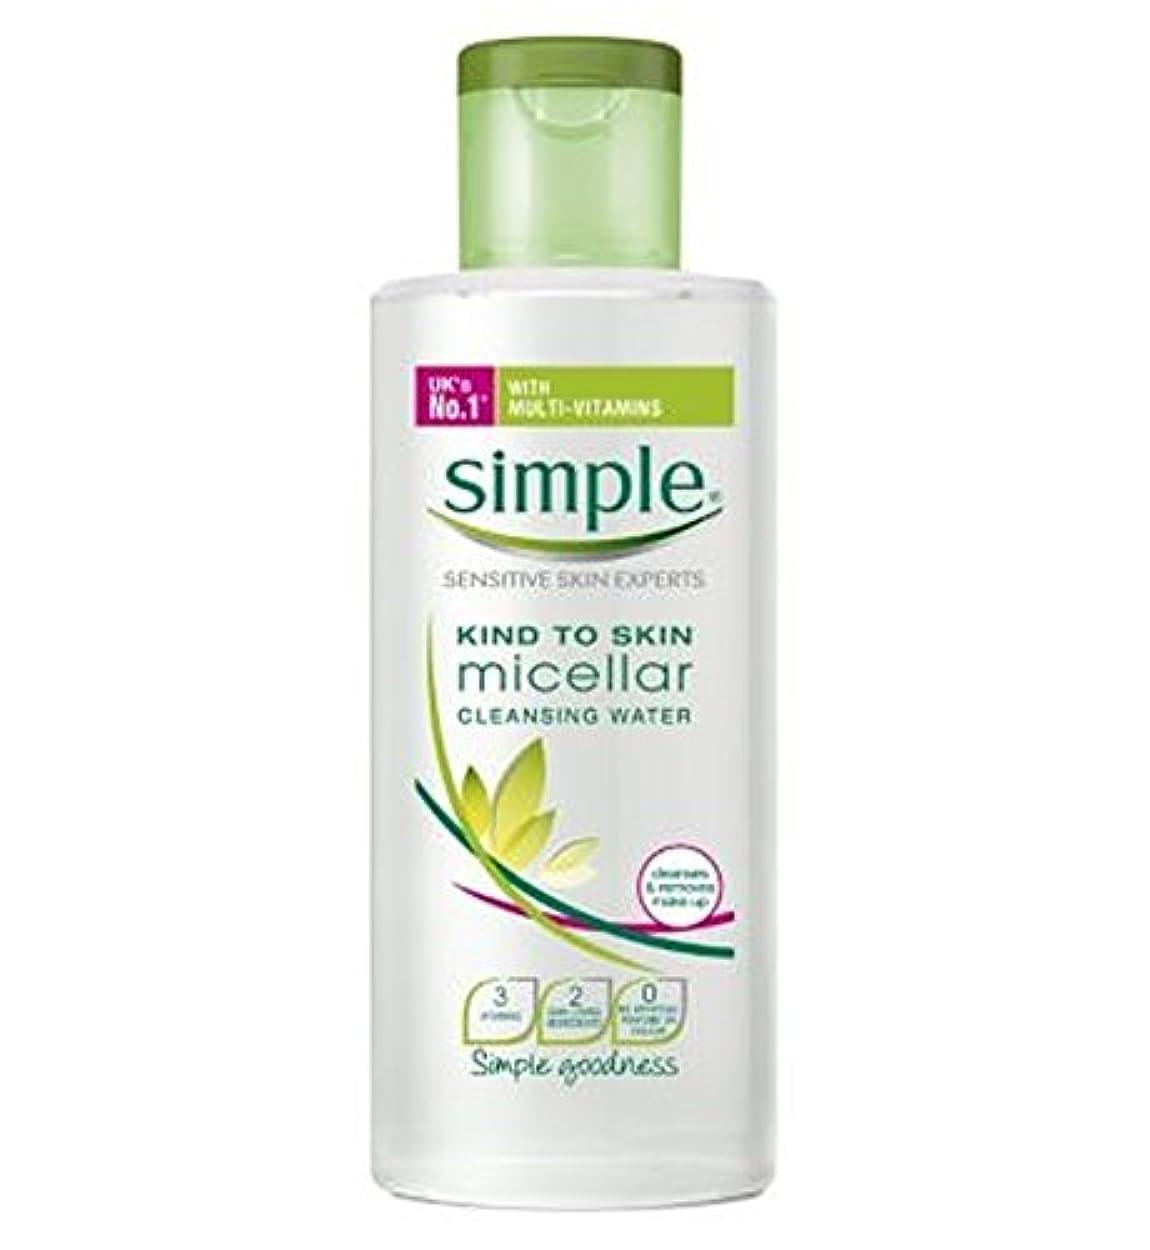 無力慢不誠実Simple Kind To Skin Micellar Cleansing Water 200ml - 皮膚ミセル洗浄水200ミリリットルに簡単な種類 (Simple) [並行輸入品]